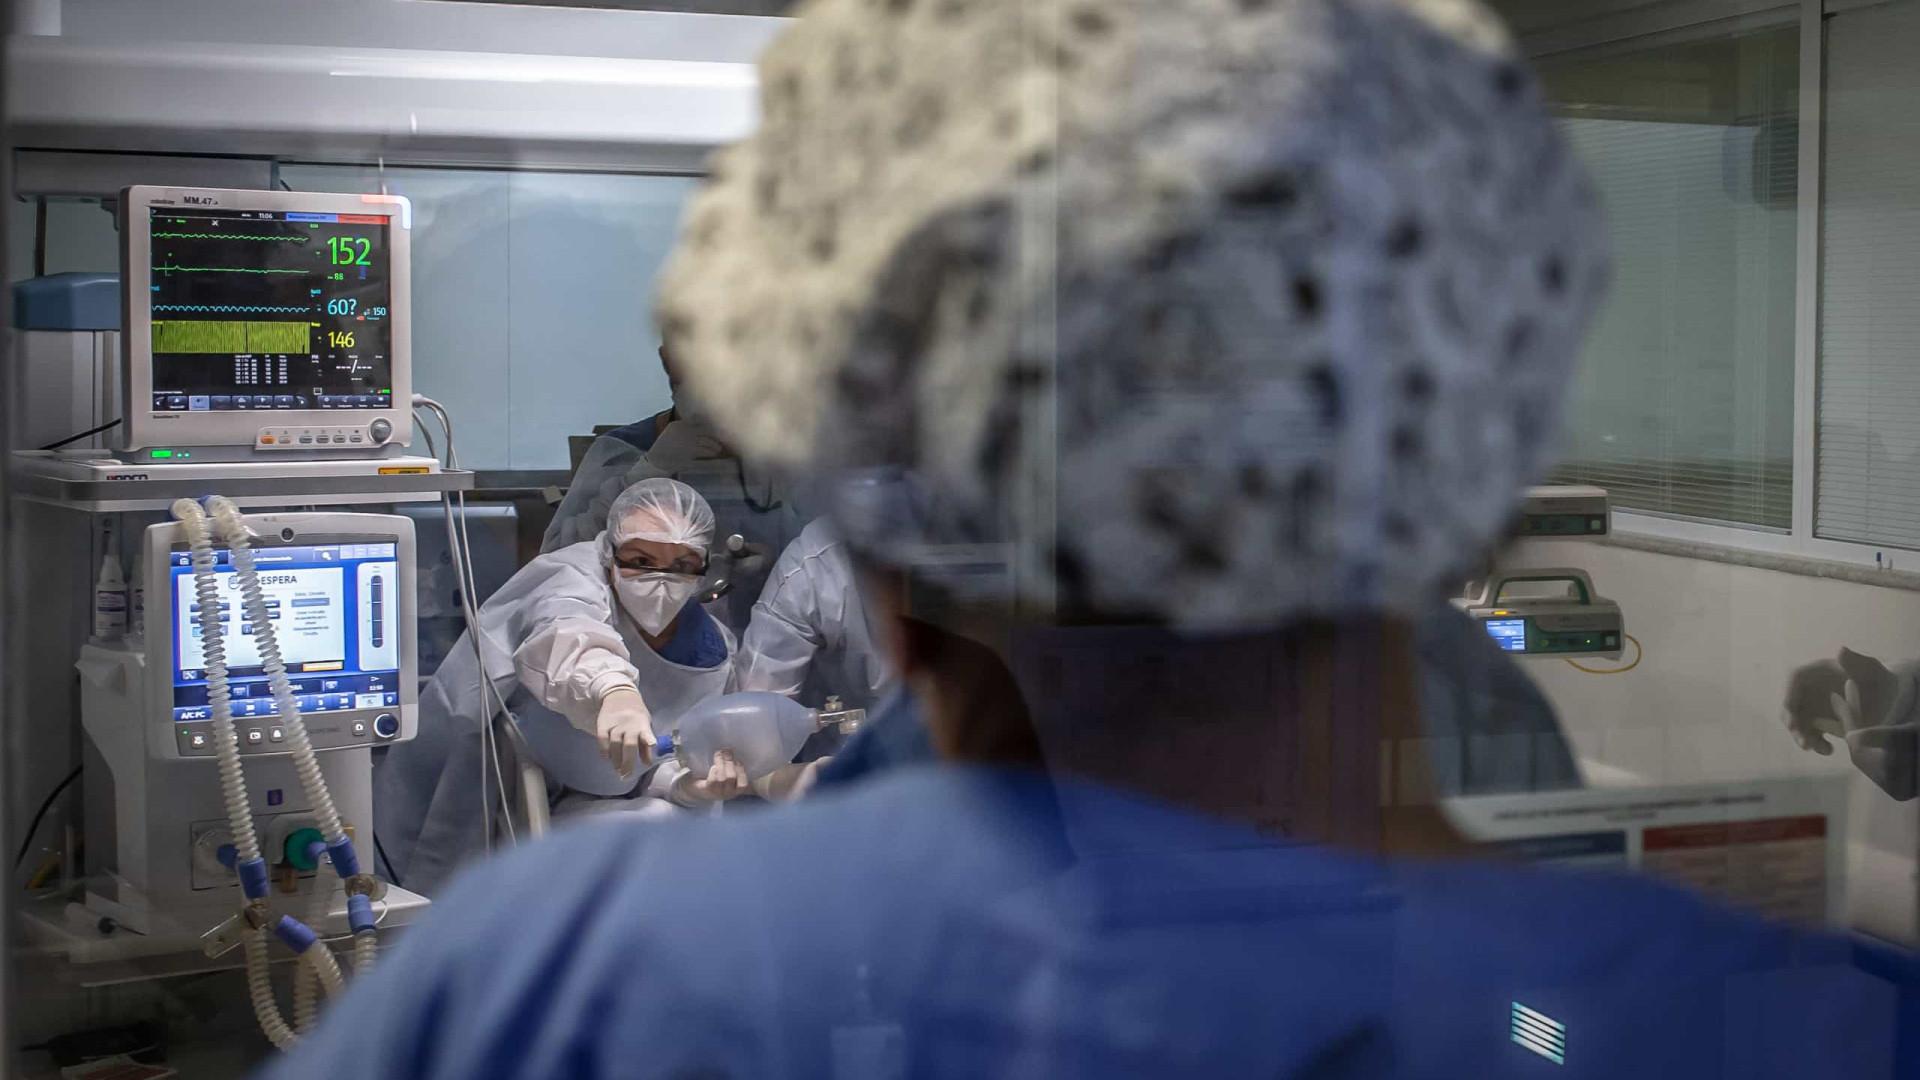 Maior hospital privado gaúcho registra 130% de lotação na UTI por Covid-19